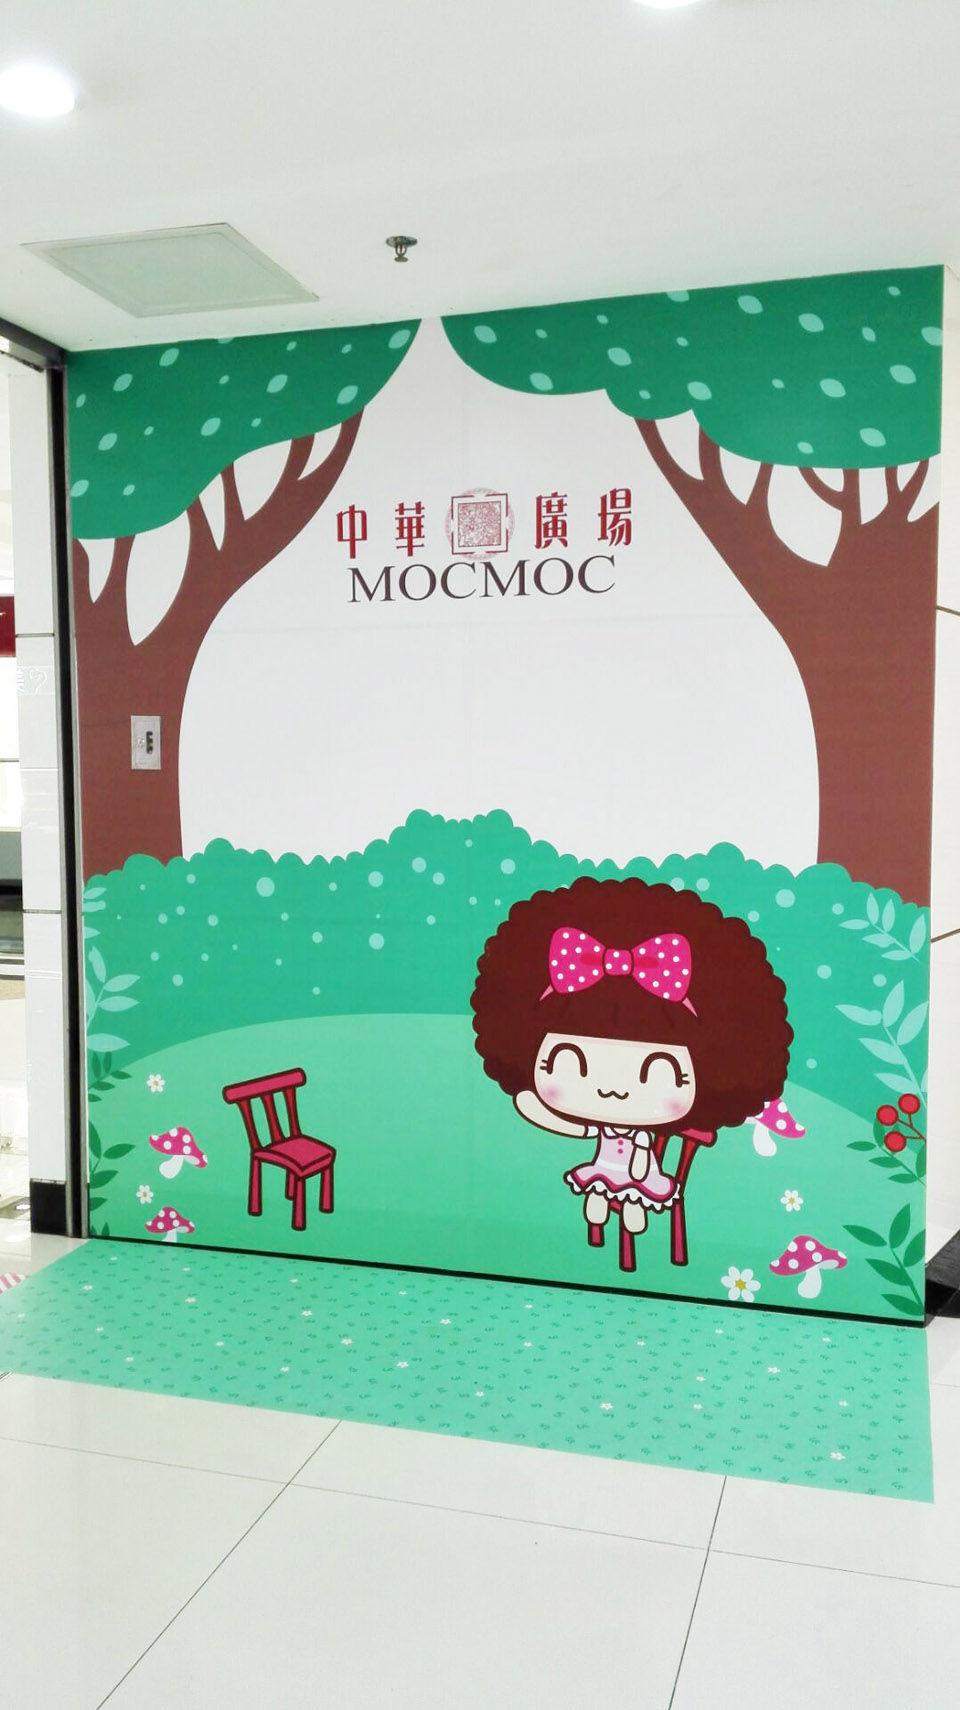 中华广场x摩丝摩丝甜蜜星球10.jpg